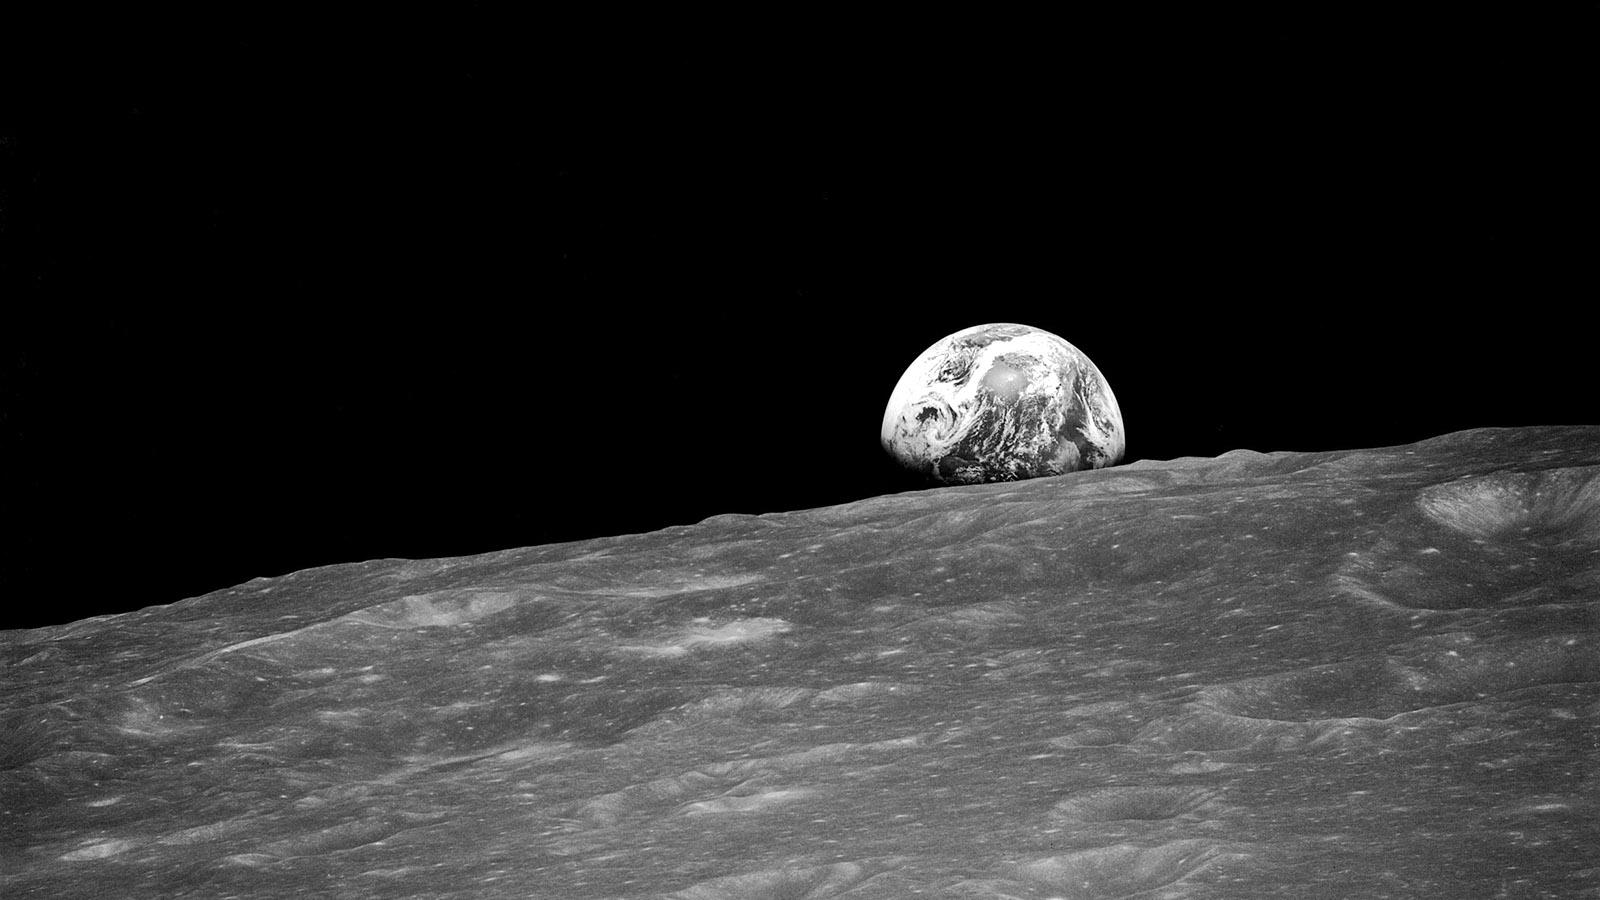 1976 год. Космическая станция «Луна-24» совершила посадку на поверхность спутника нашей планеты